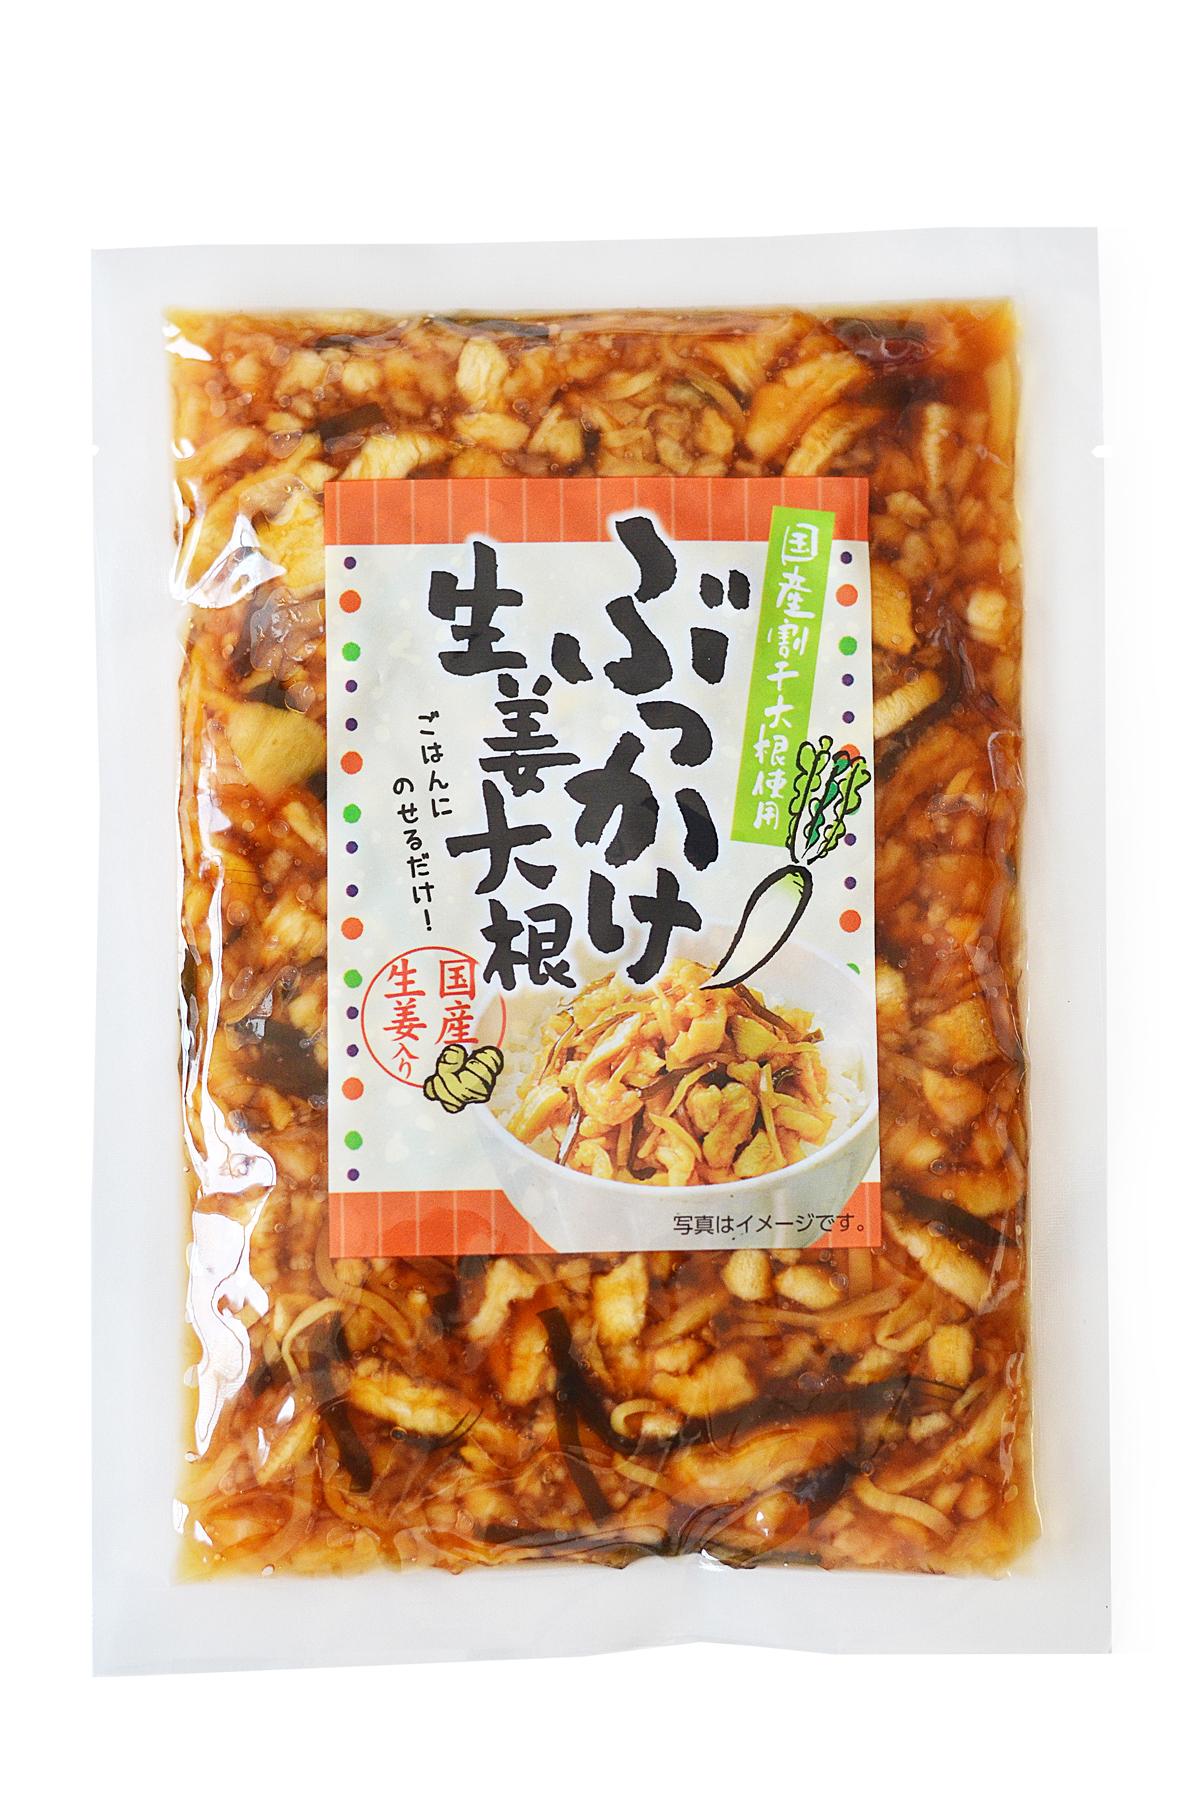 ぶっかけ生姜大根!パリパリの大根に生姜の風味が絶妙な味わい!